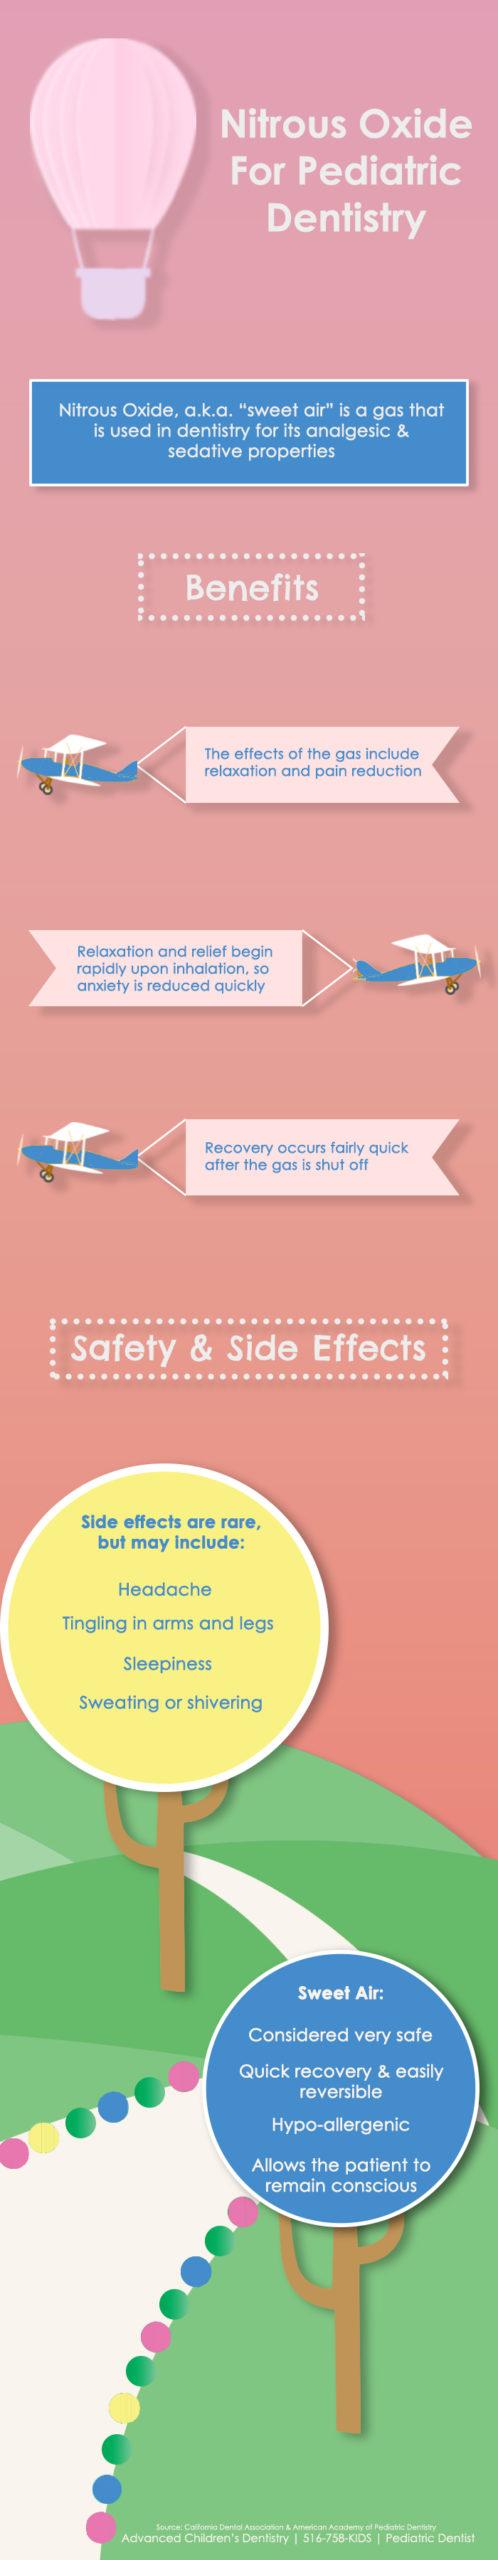 Nitrous Oxide for Pediatric Dentistry - Advanced Children's Dentistry